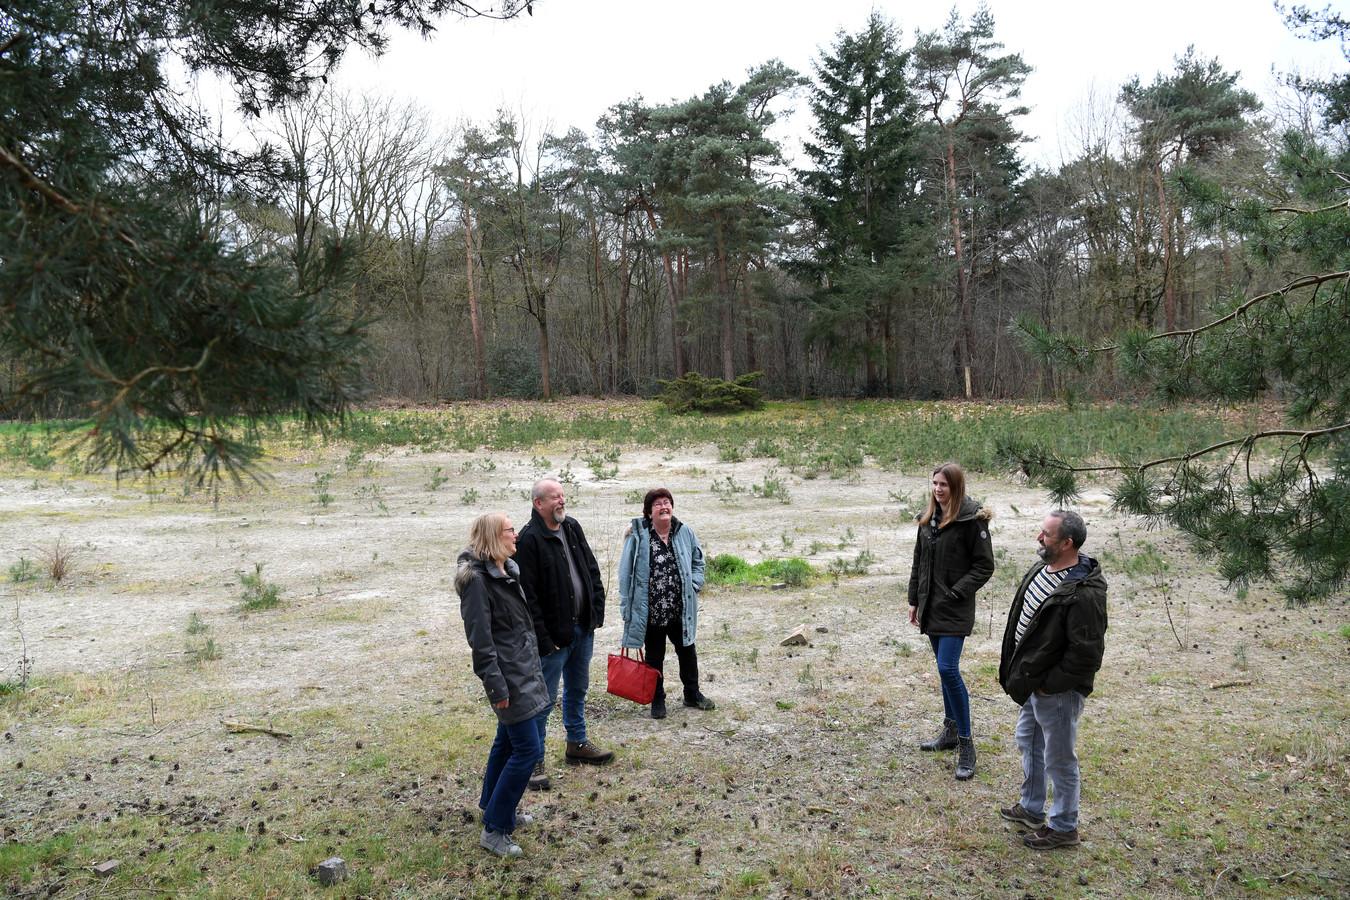 Op het braakliggende terrein in Rijen moeten tiny houses komen met een gezamenlijke schuur. Het project werd onder meer geïnitieerd door (v.l.n.r.) Marion Jansen, Walter Strijbos, Lidiam Strijbos, Shinouk Wientjes en Bart Jansen.